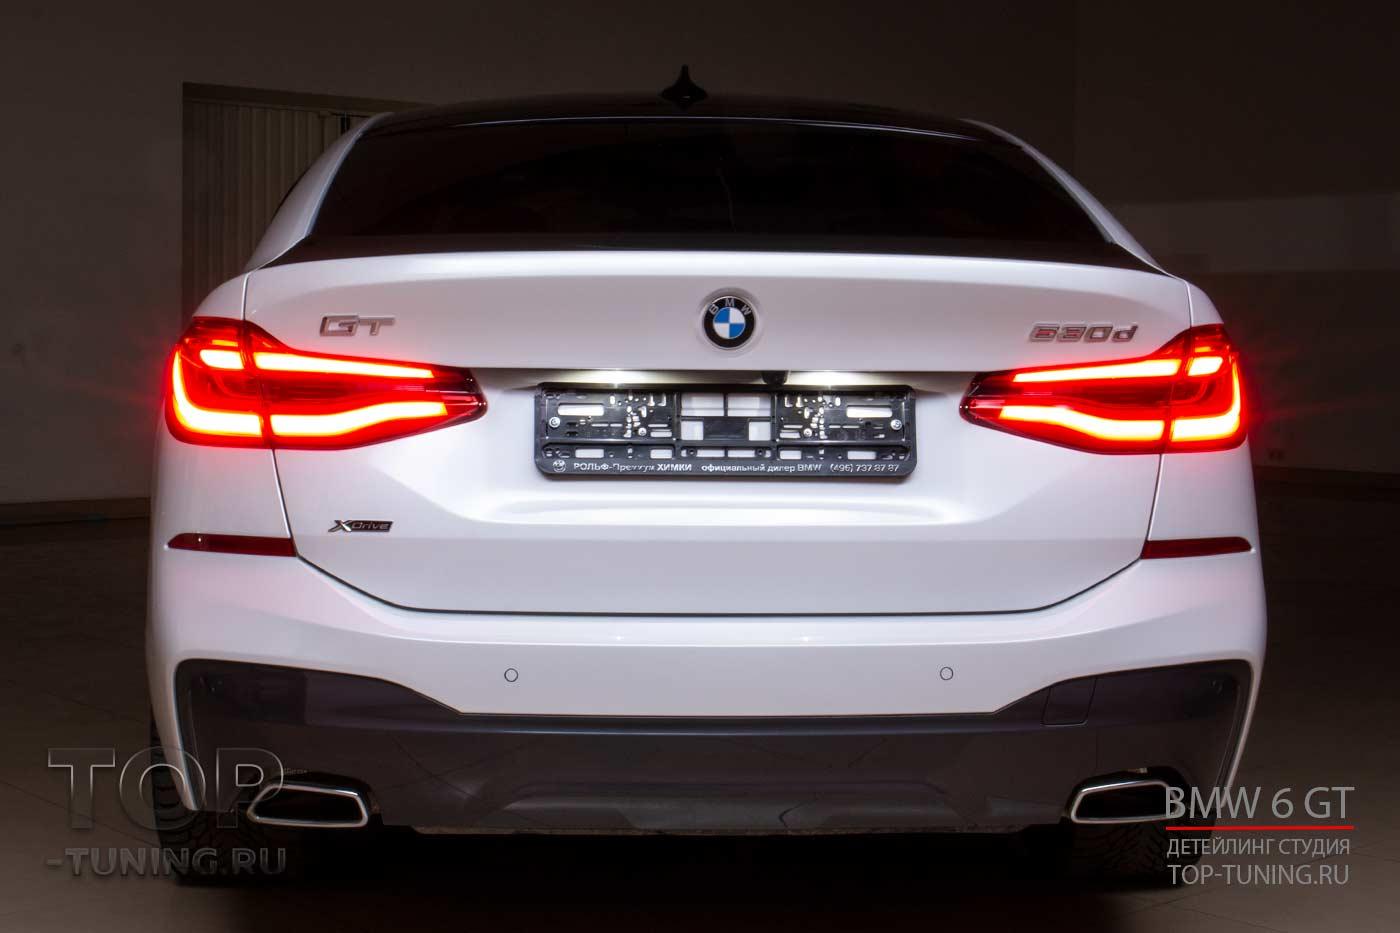 103000 Комплексный детейлинг BMW 6 GT